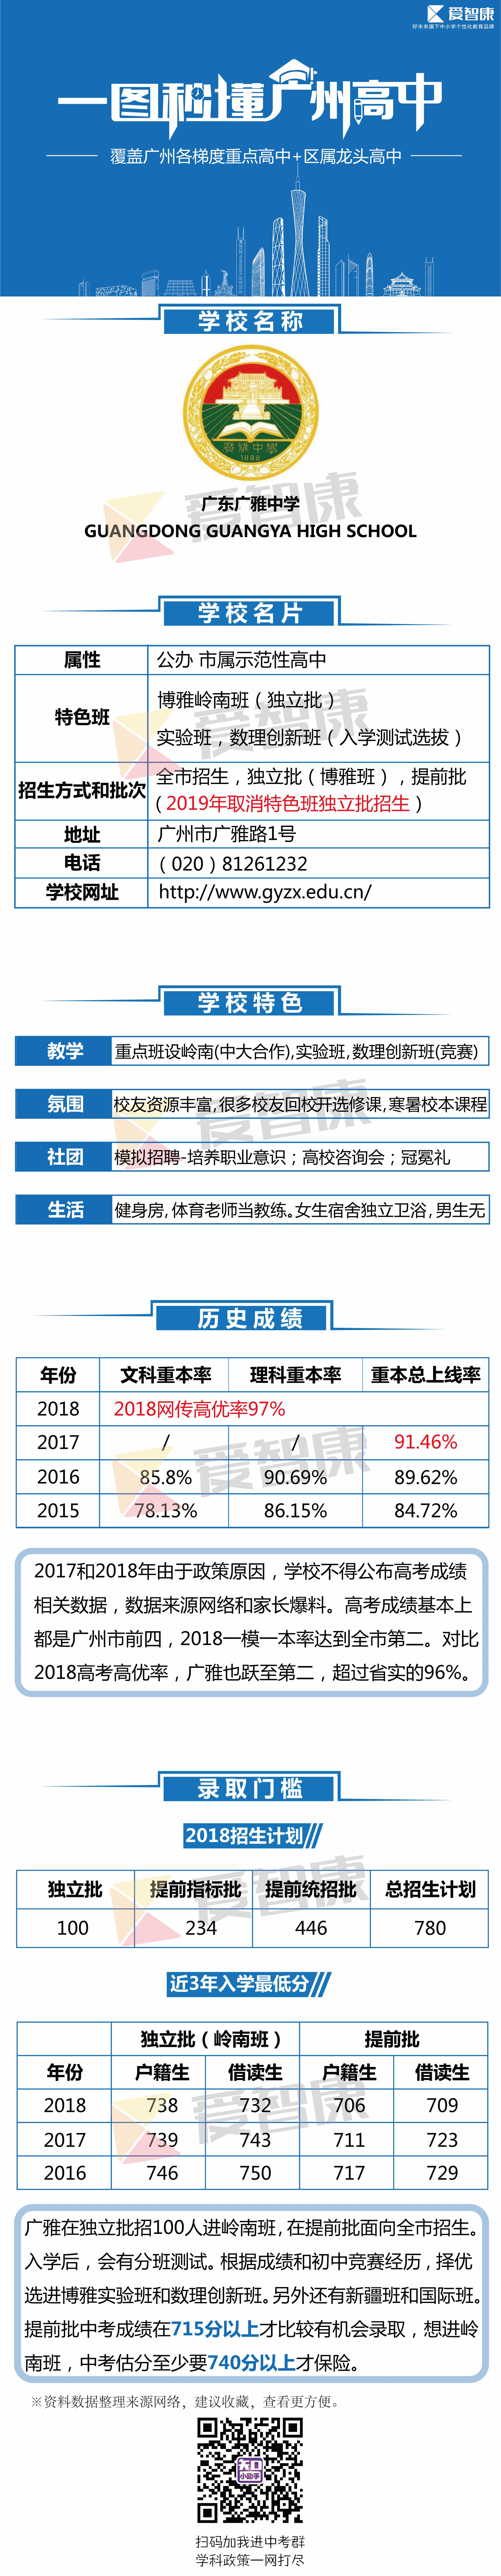 广东广雅中学学习环境、历史成绩、录取分数